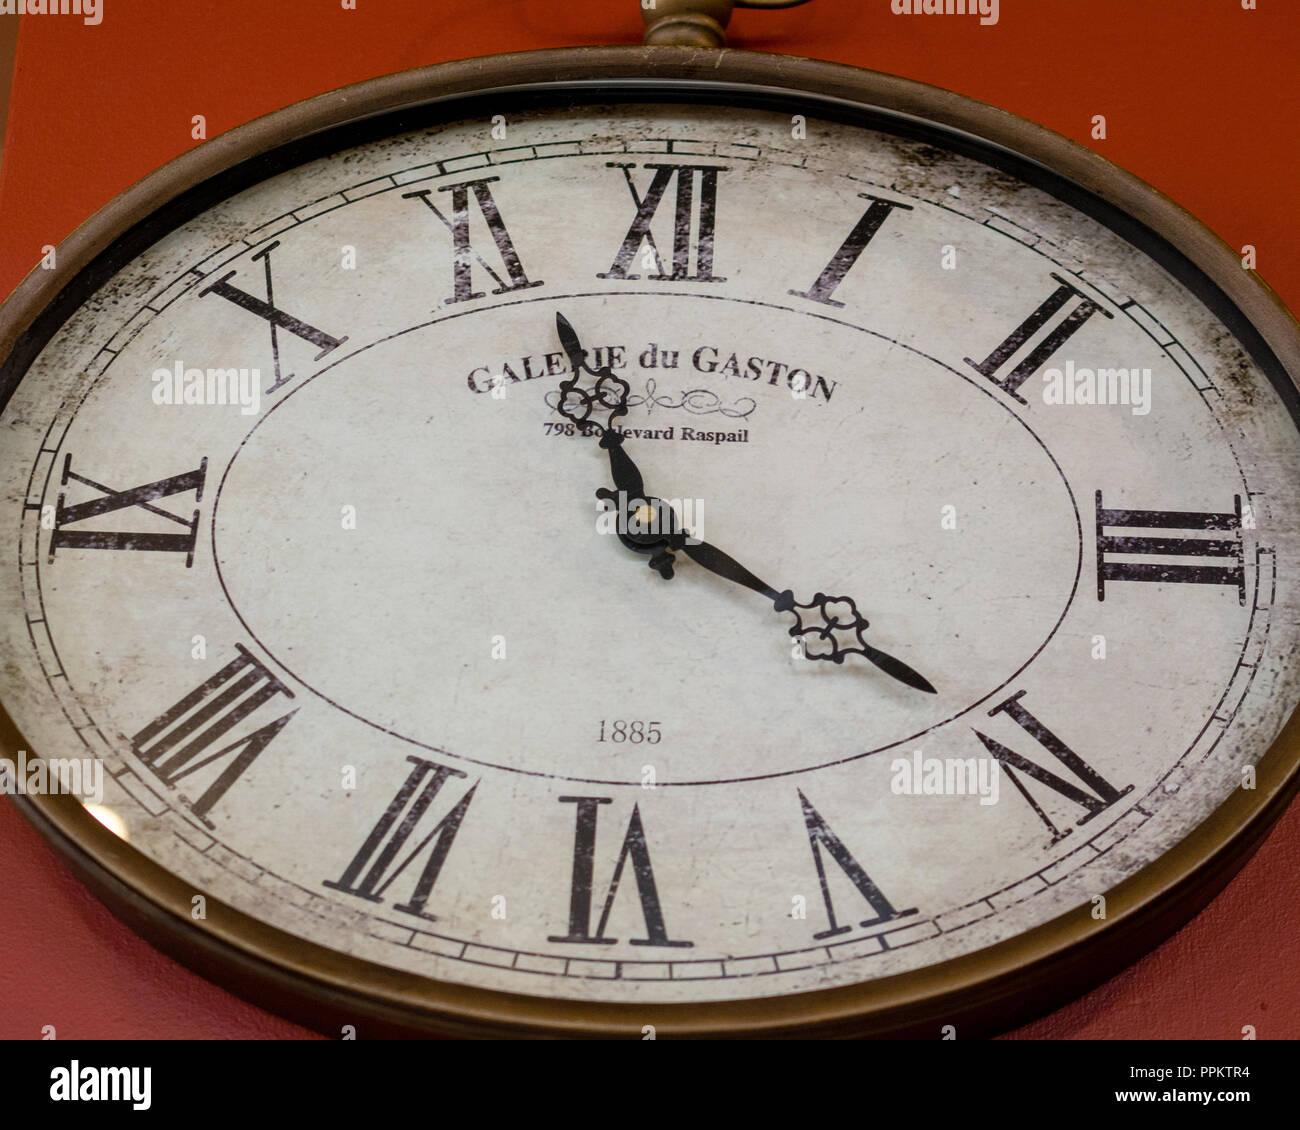 1885 Galerie du Gaston Oval Reloj de pared en una pared roja, marcando once horas y veinte minutos Foto de stock